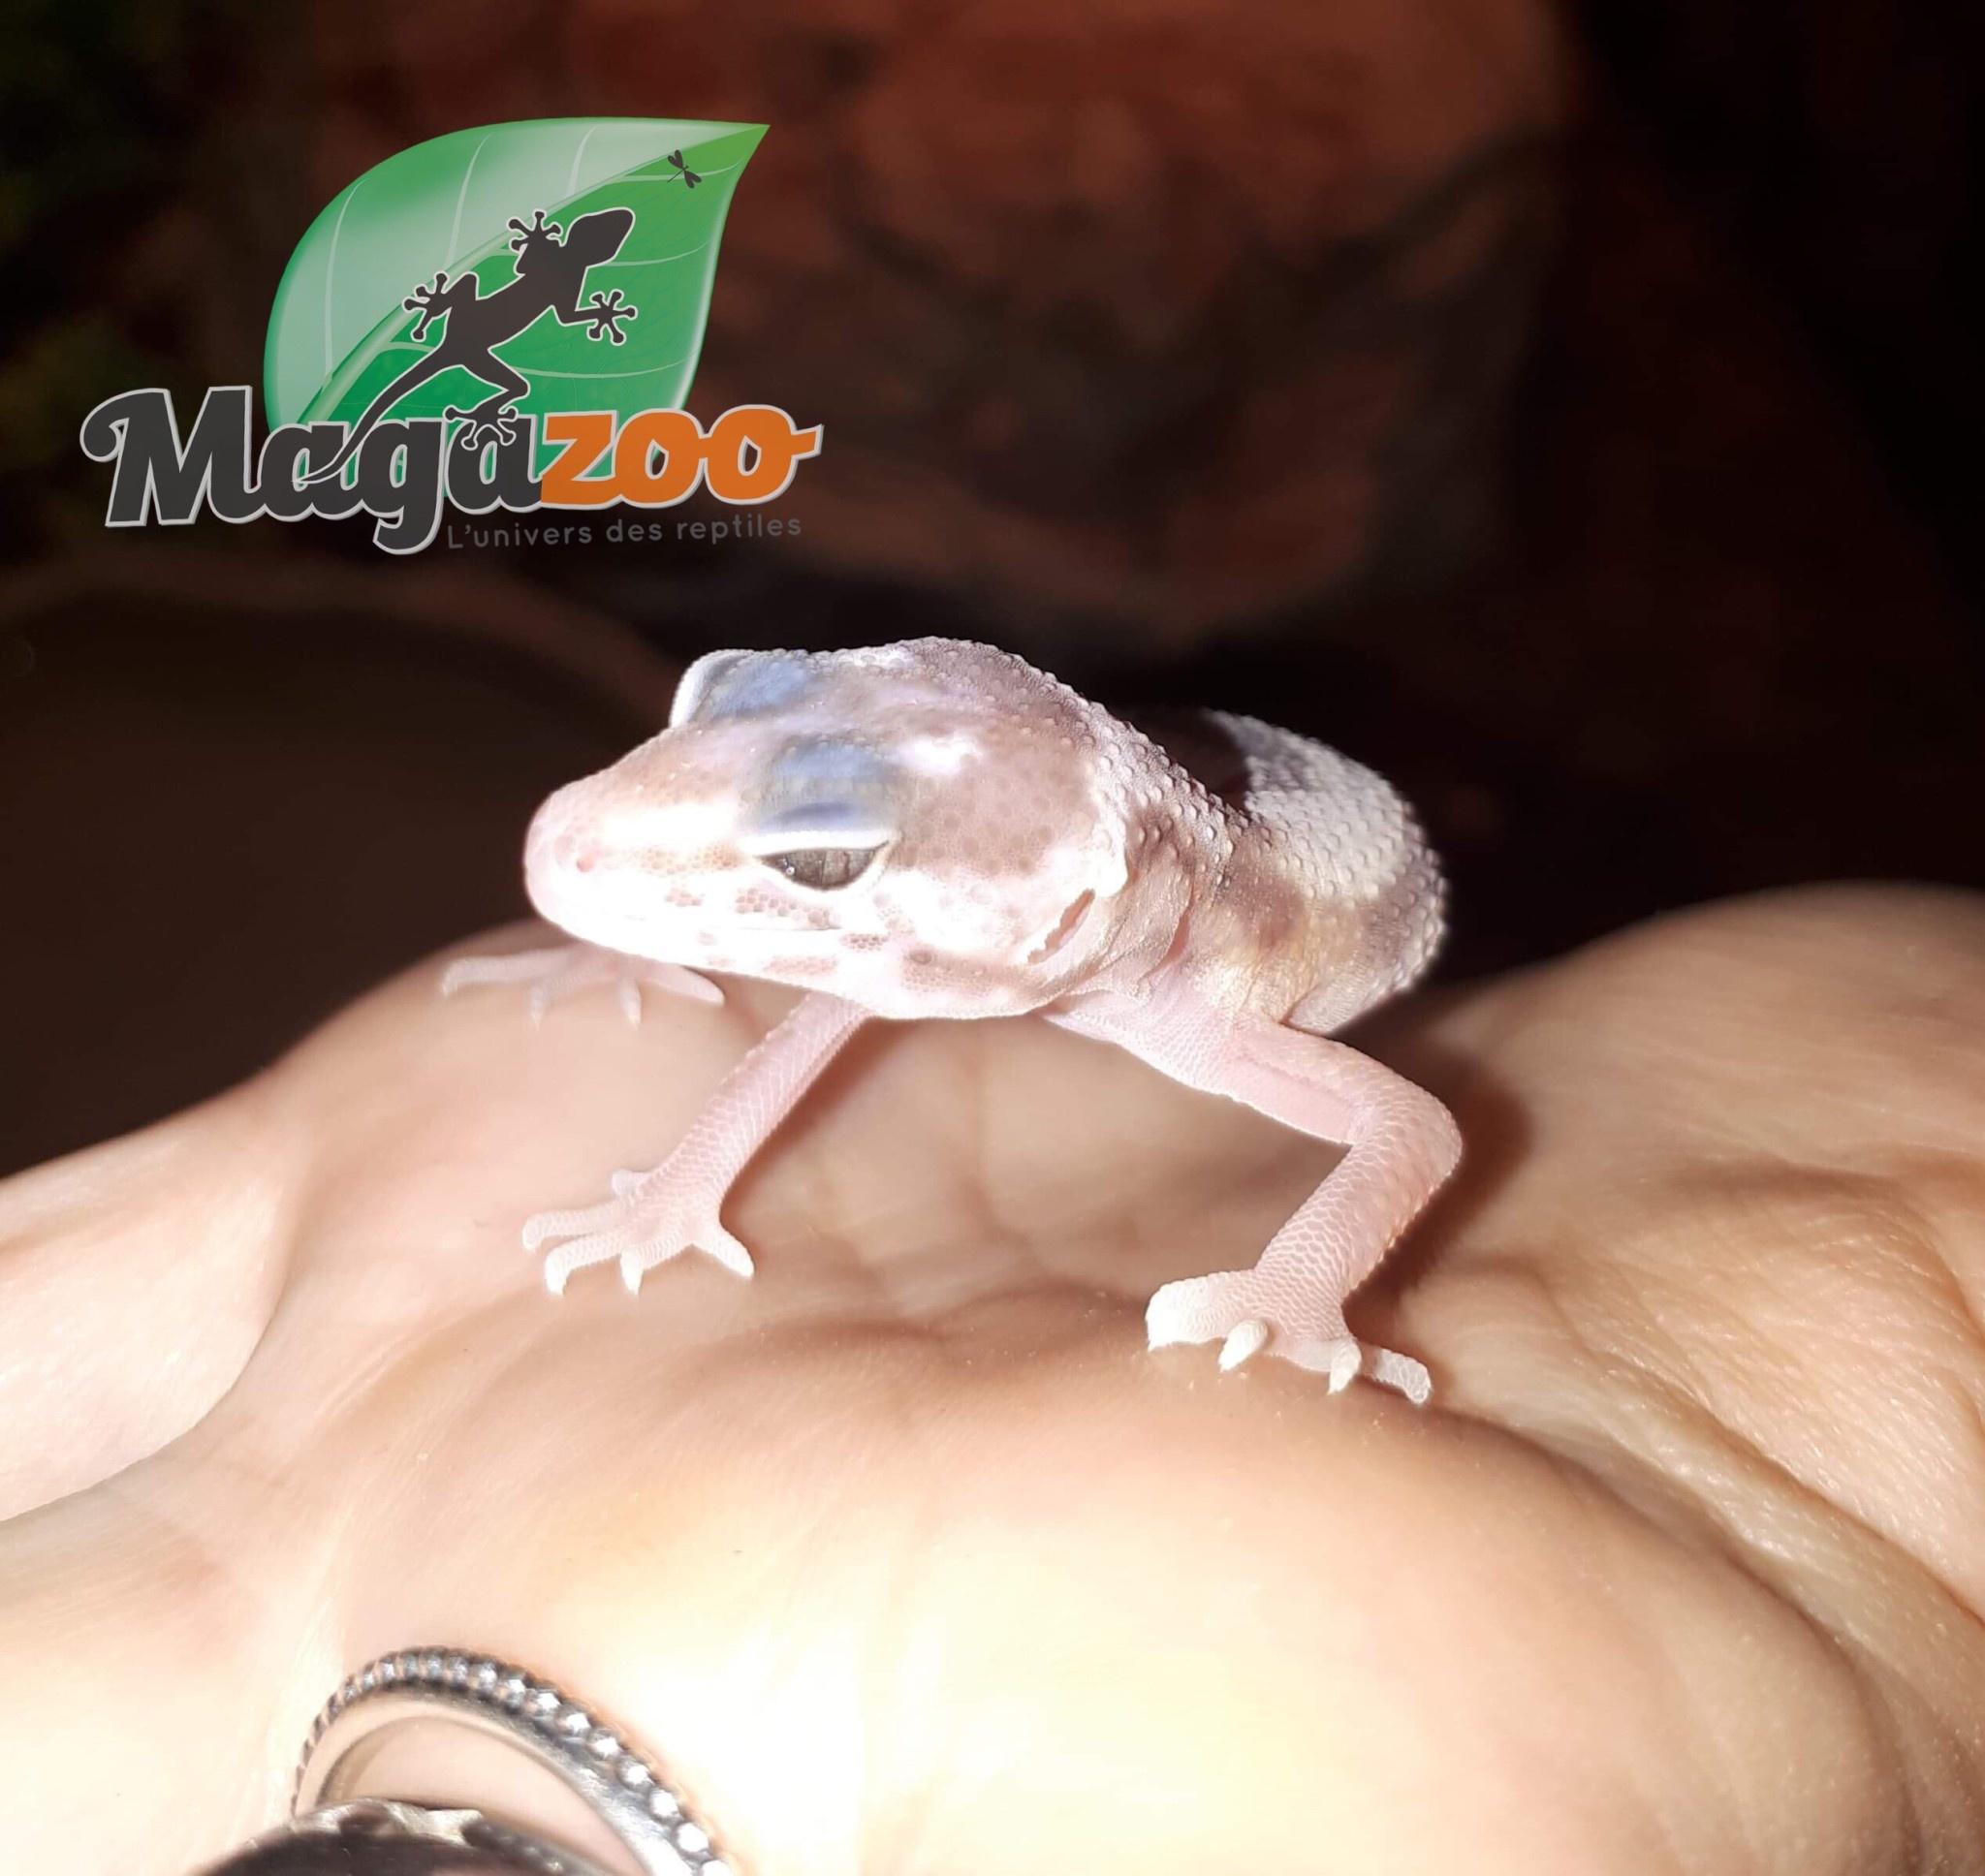 Magazoo Gecko léopard Mack snow blizzard Bébé